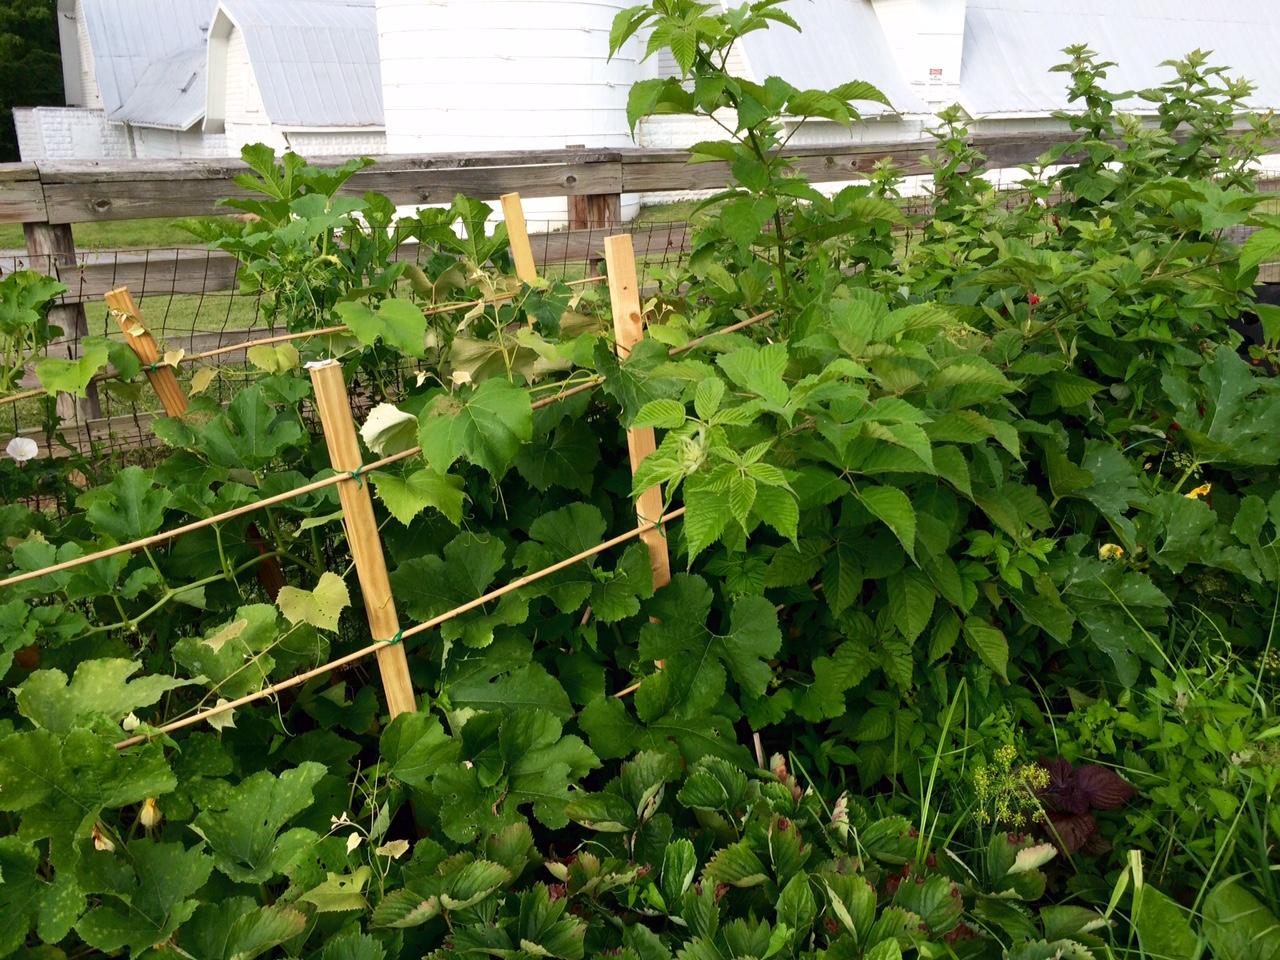 backyard garden a virtual tour the homestead hobbyist